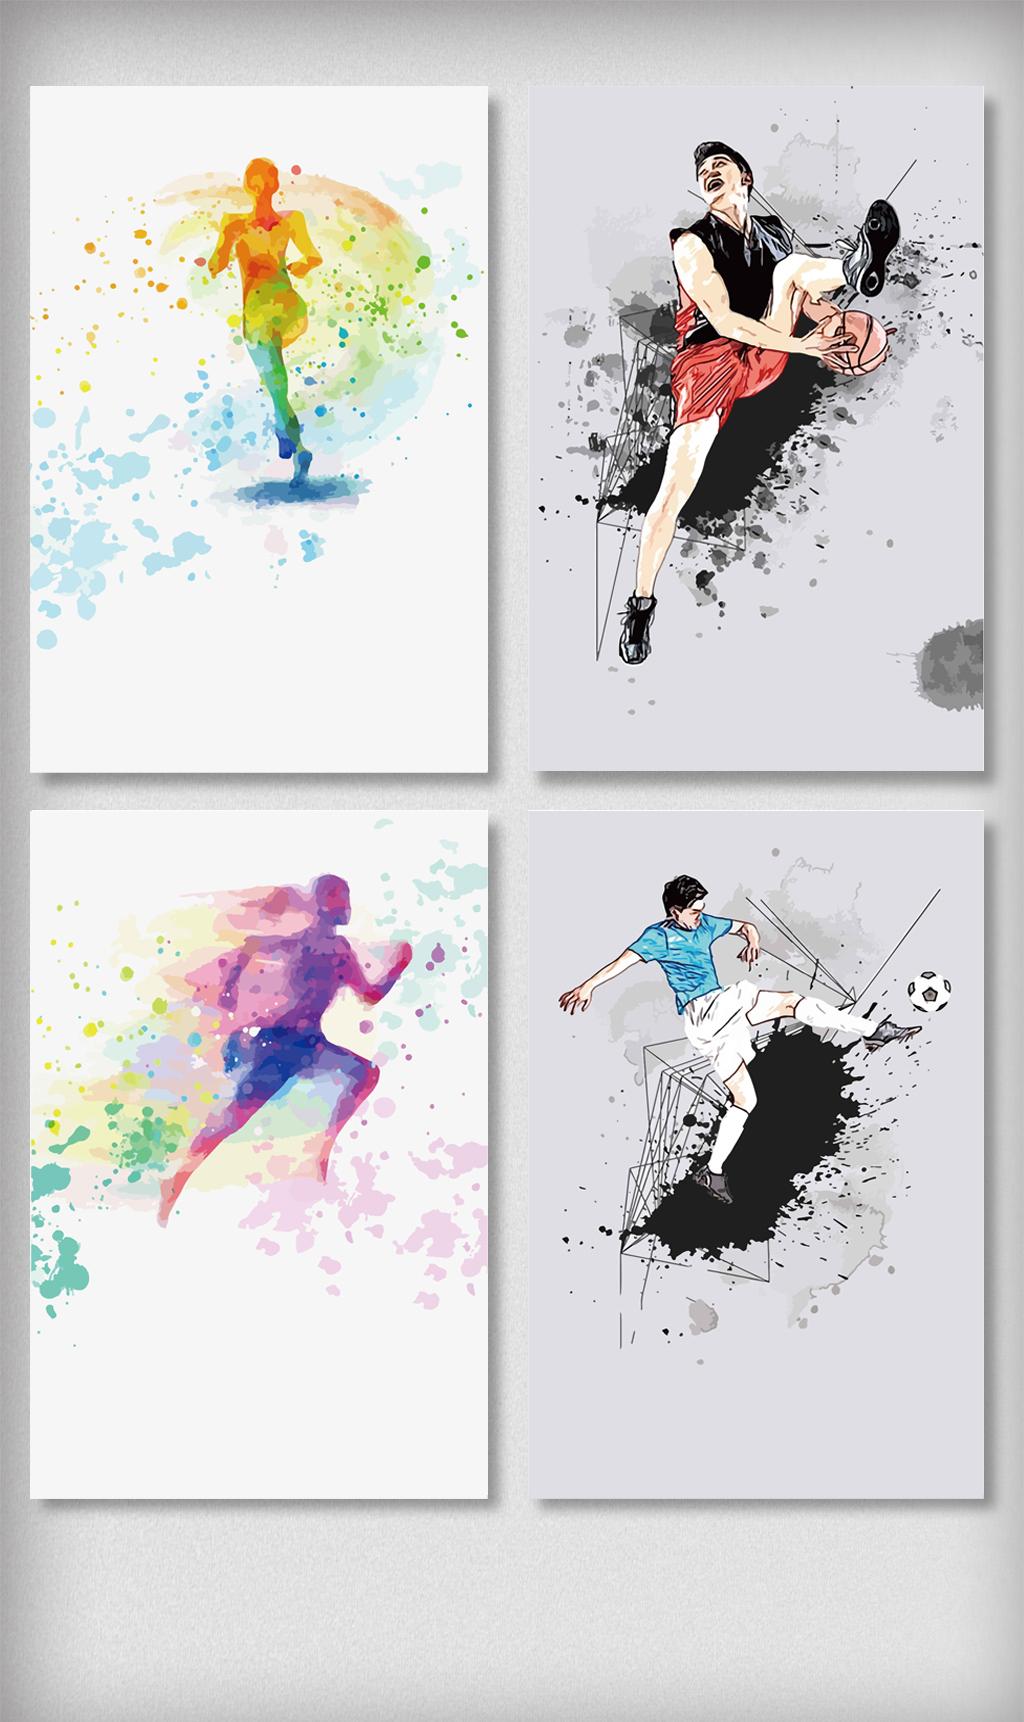 手绘水彩运动会人物打篮球海报背景矢量元素